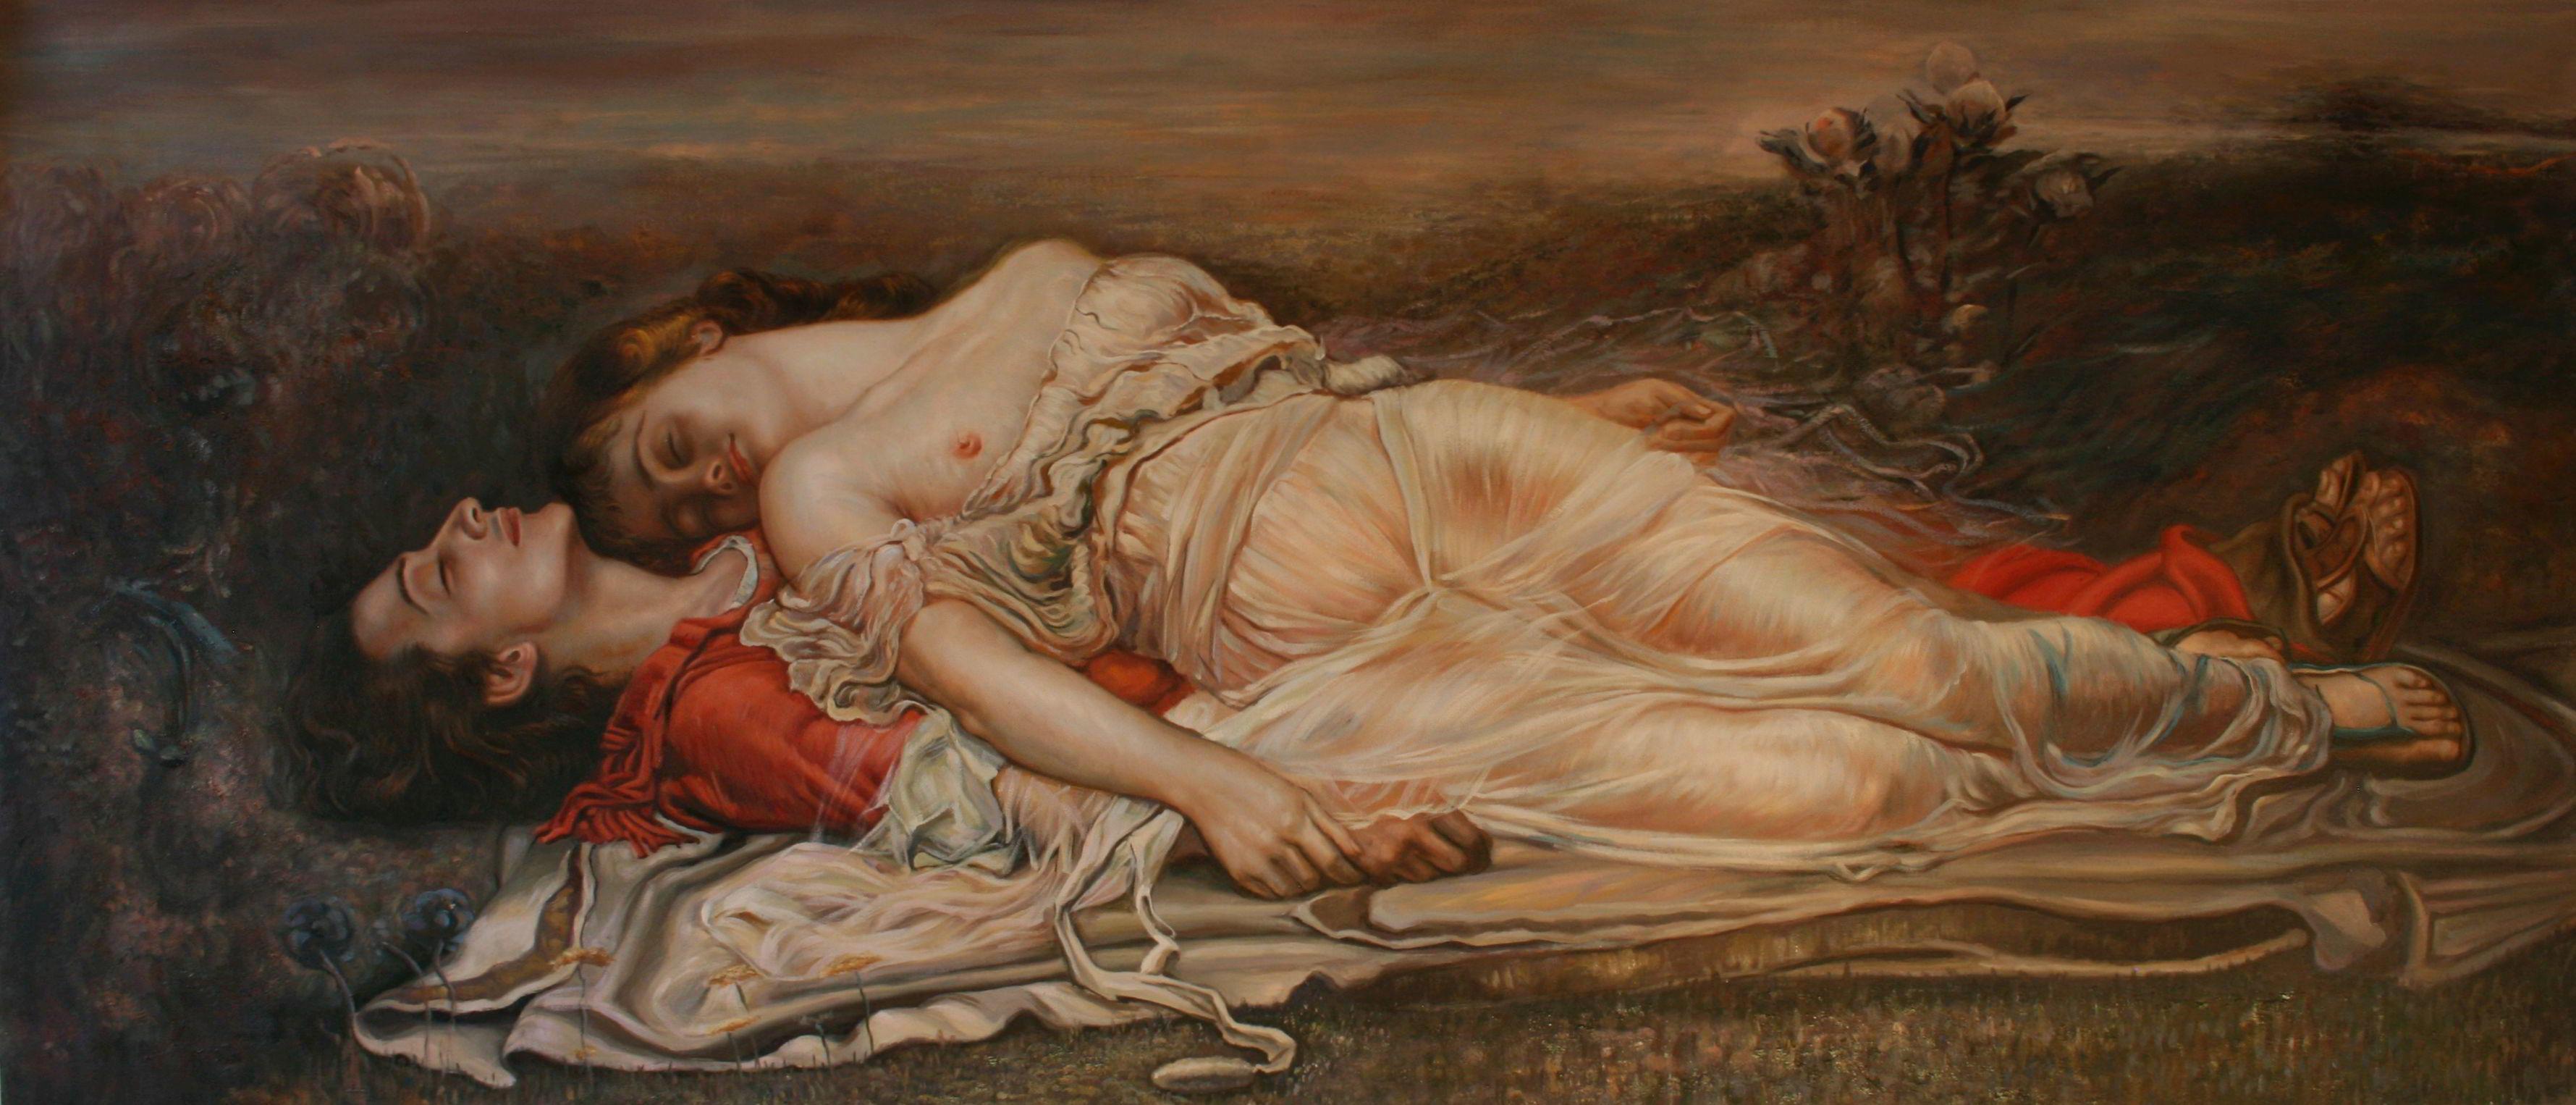 Tristán e Isolda (La muerte) von Rogelio de Egusquiza y Barrena